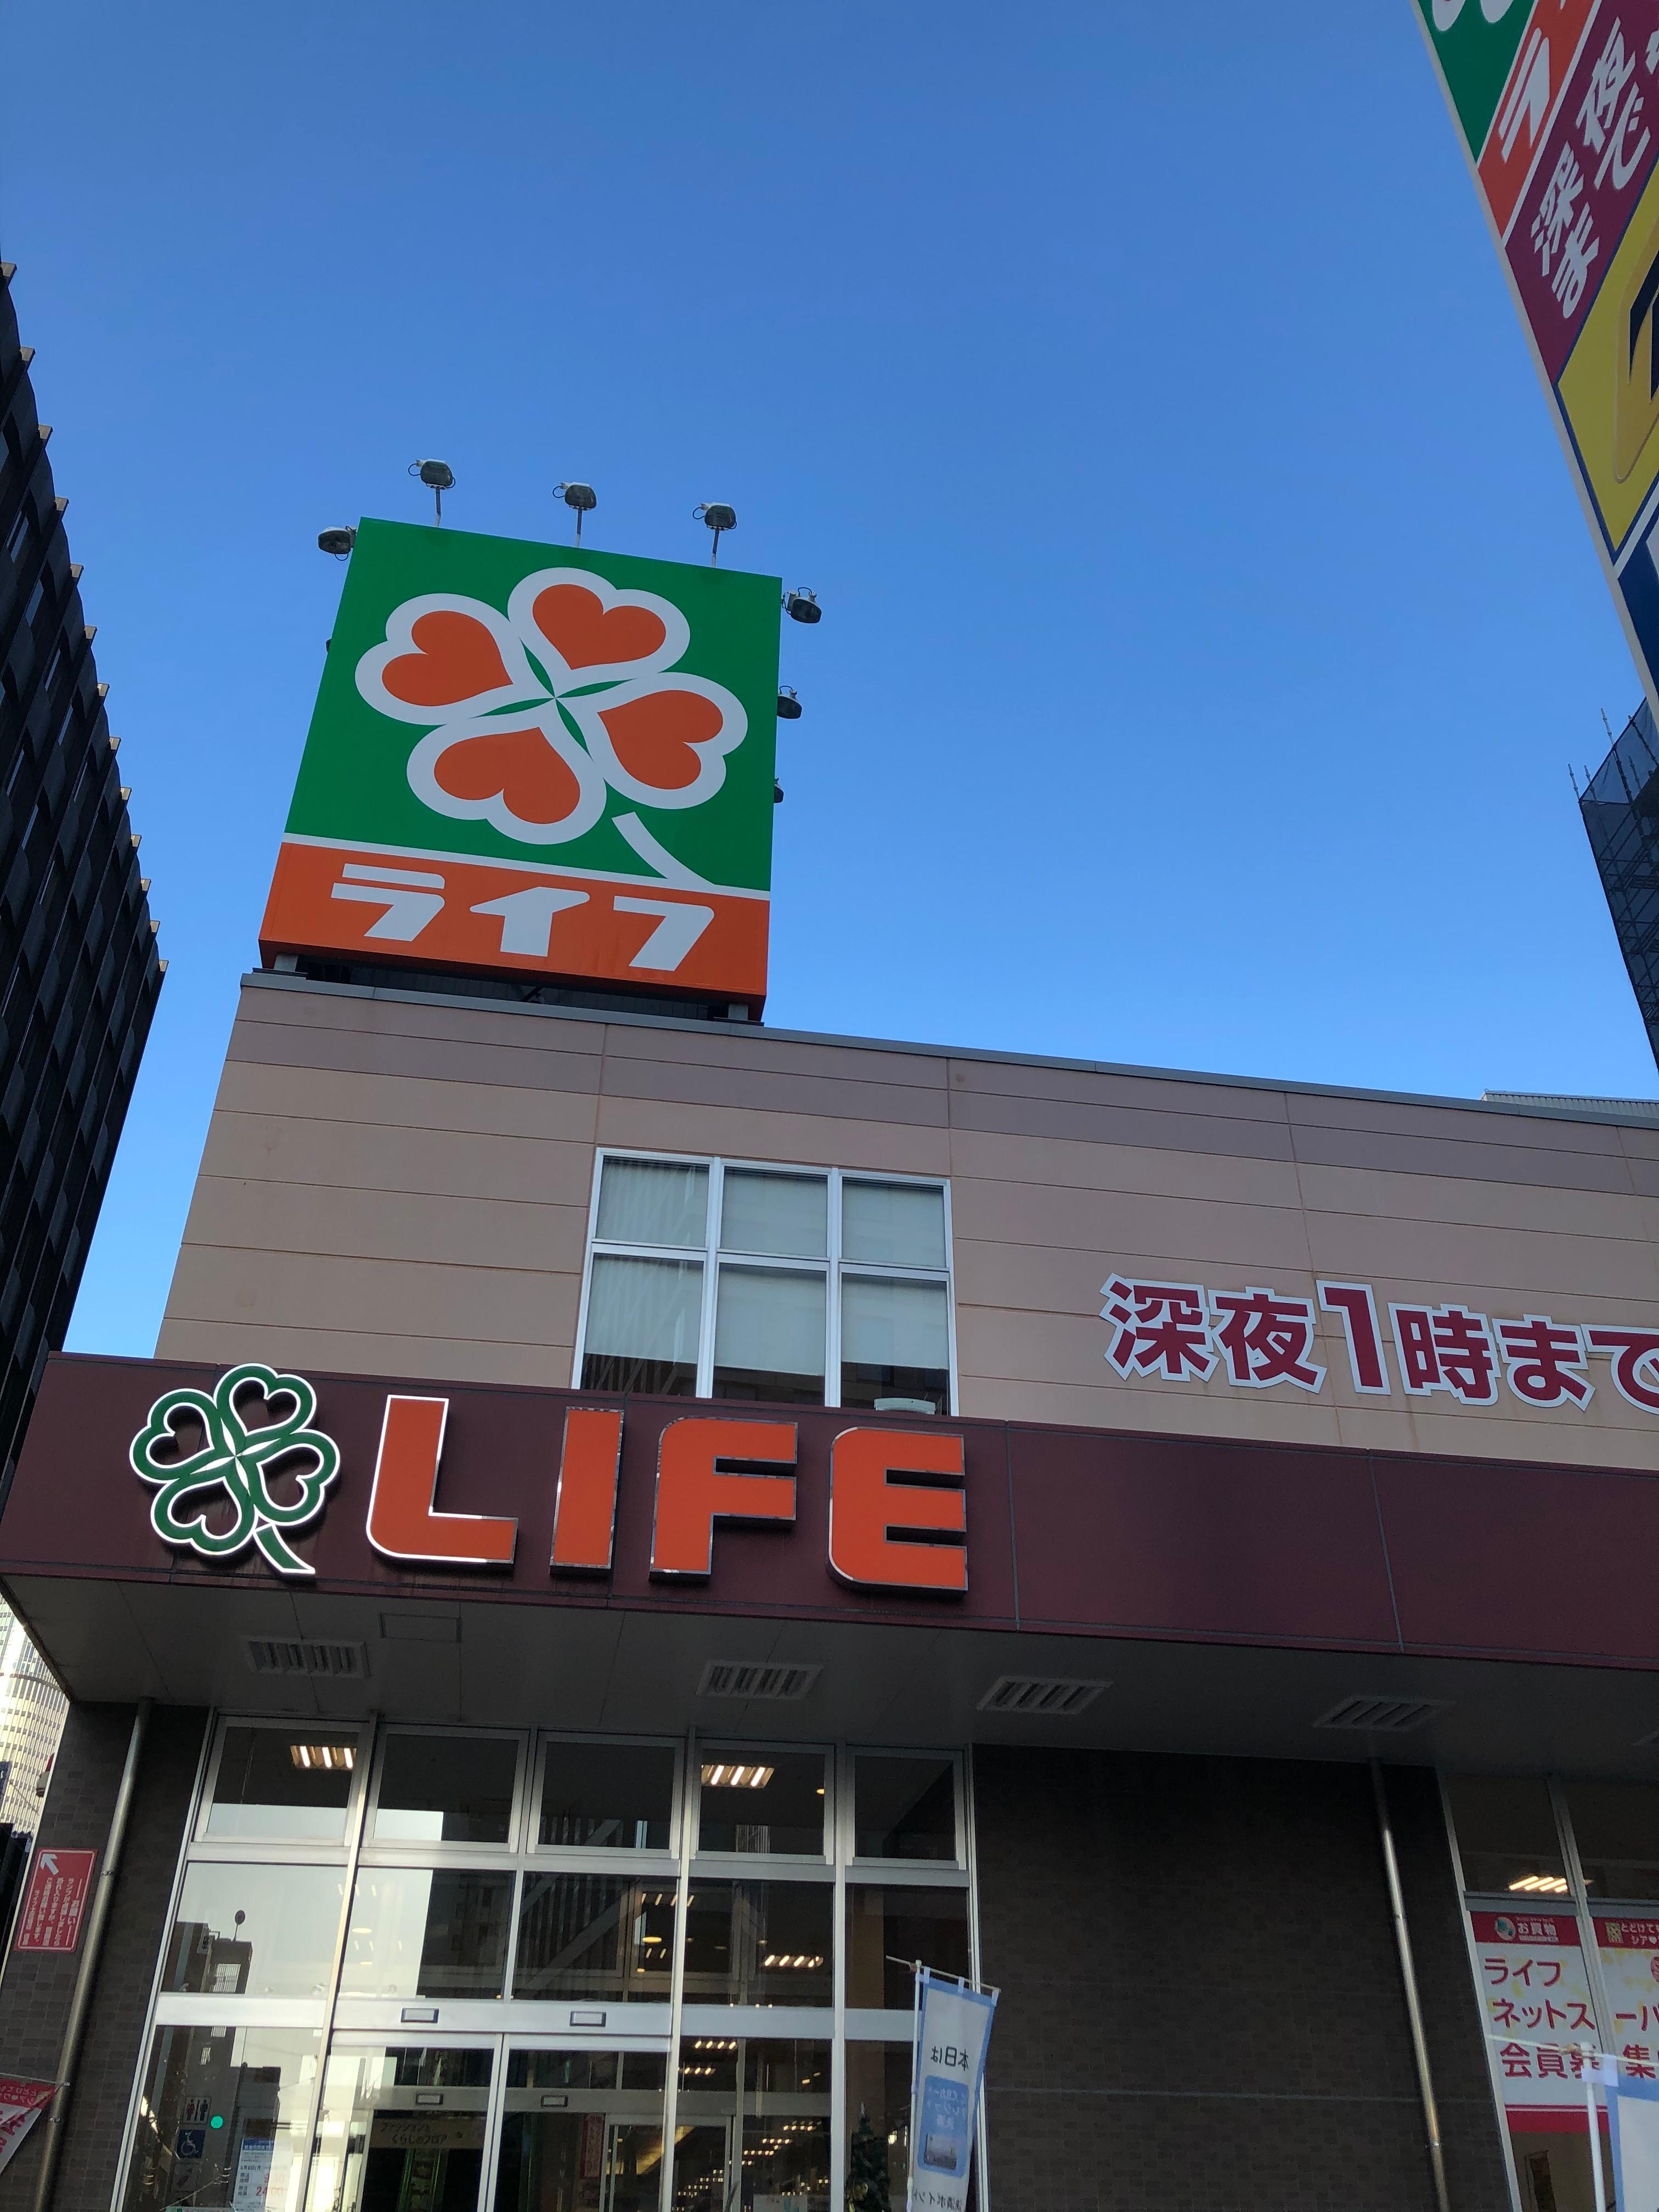 ライフ ネット スーパー 土佐堀